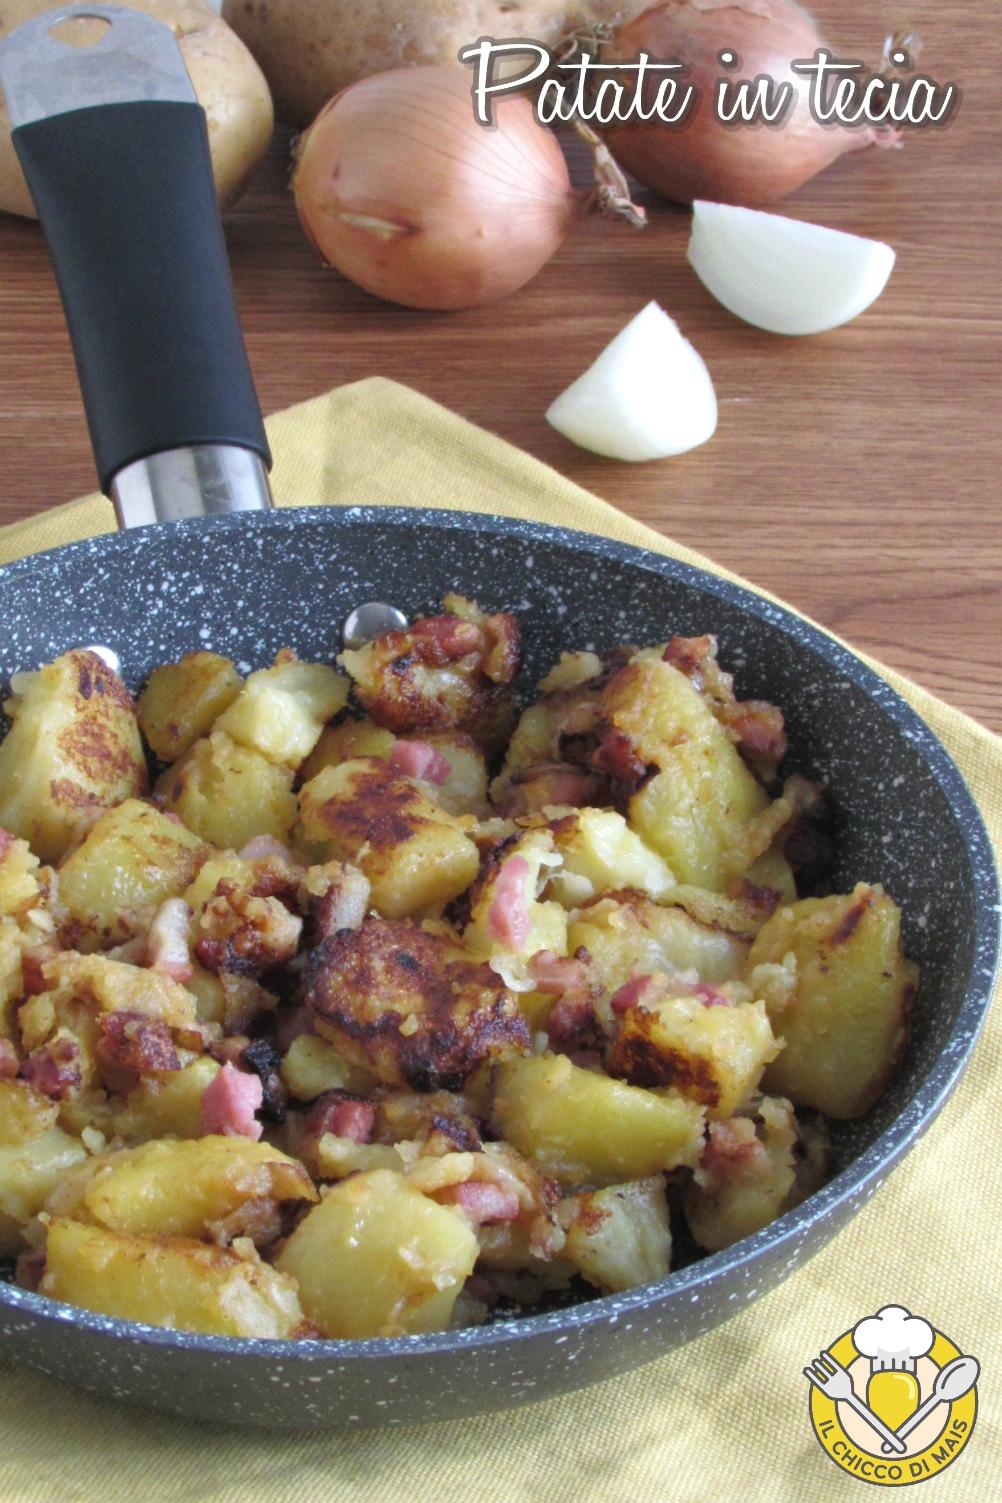 v_ patate in tecia ricetta friulana di trieste patate lesse in padella con pancetta e cipolla il chicco di mais